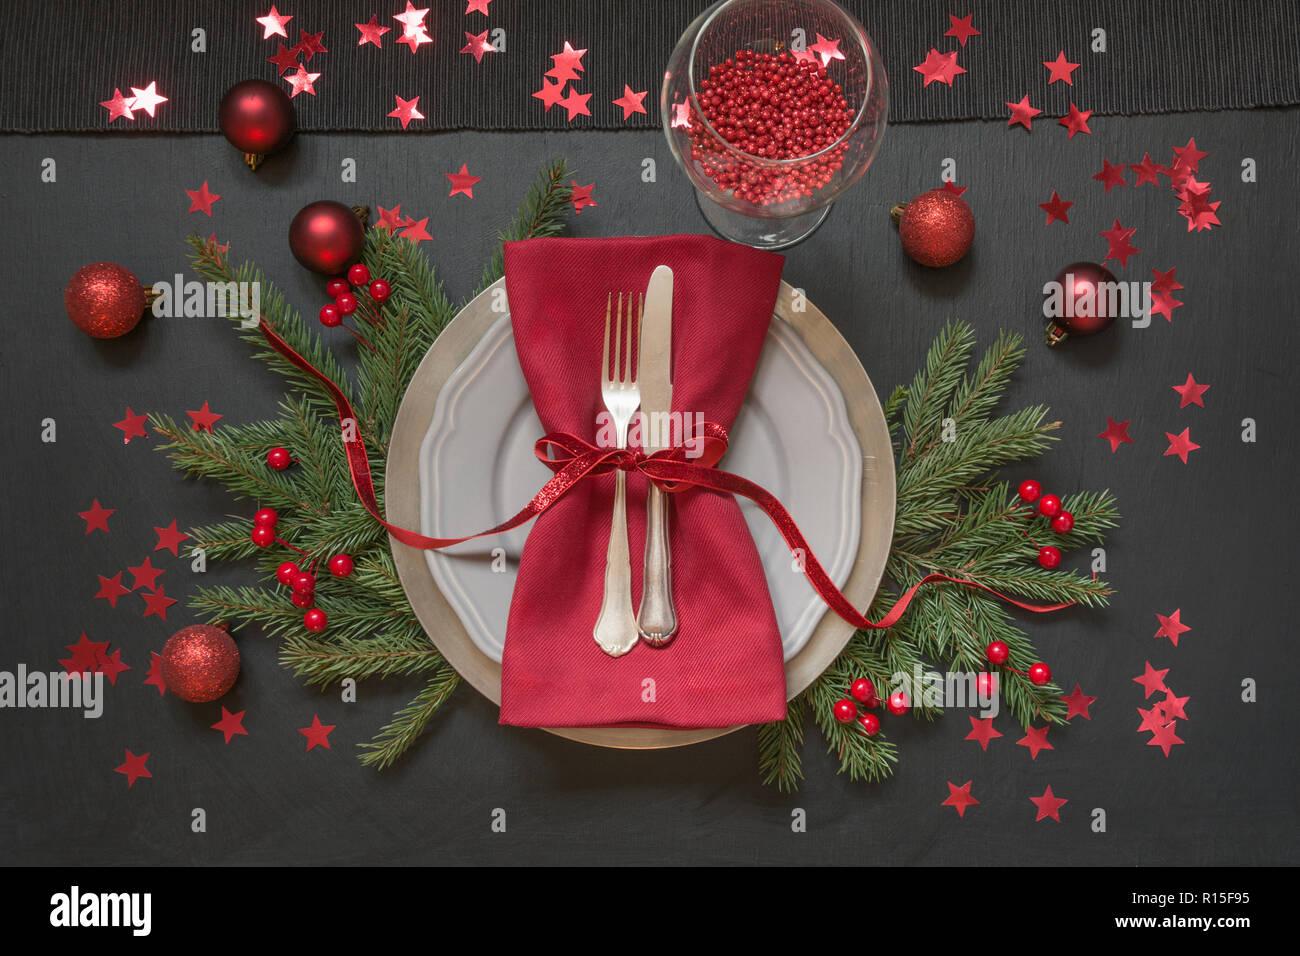 Weihnachten Tischdekoration Mit Rot Auf Schwarz Ansicht Von Oben